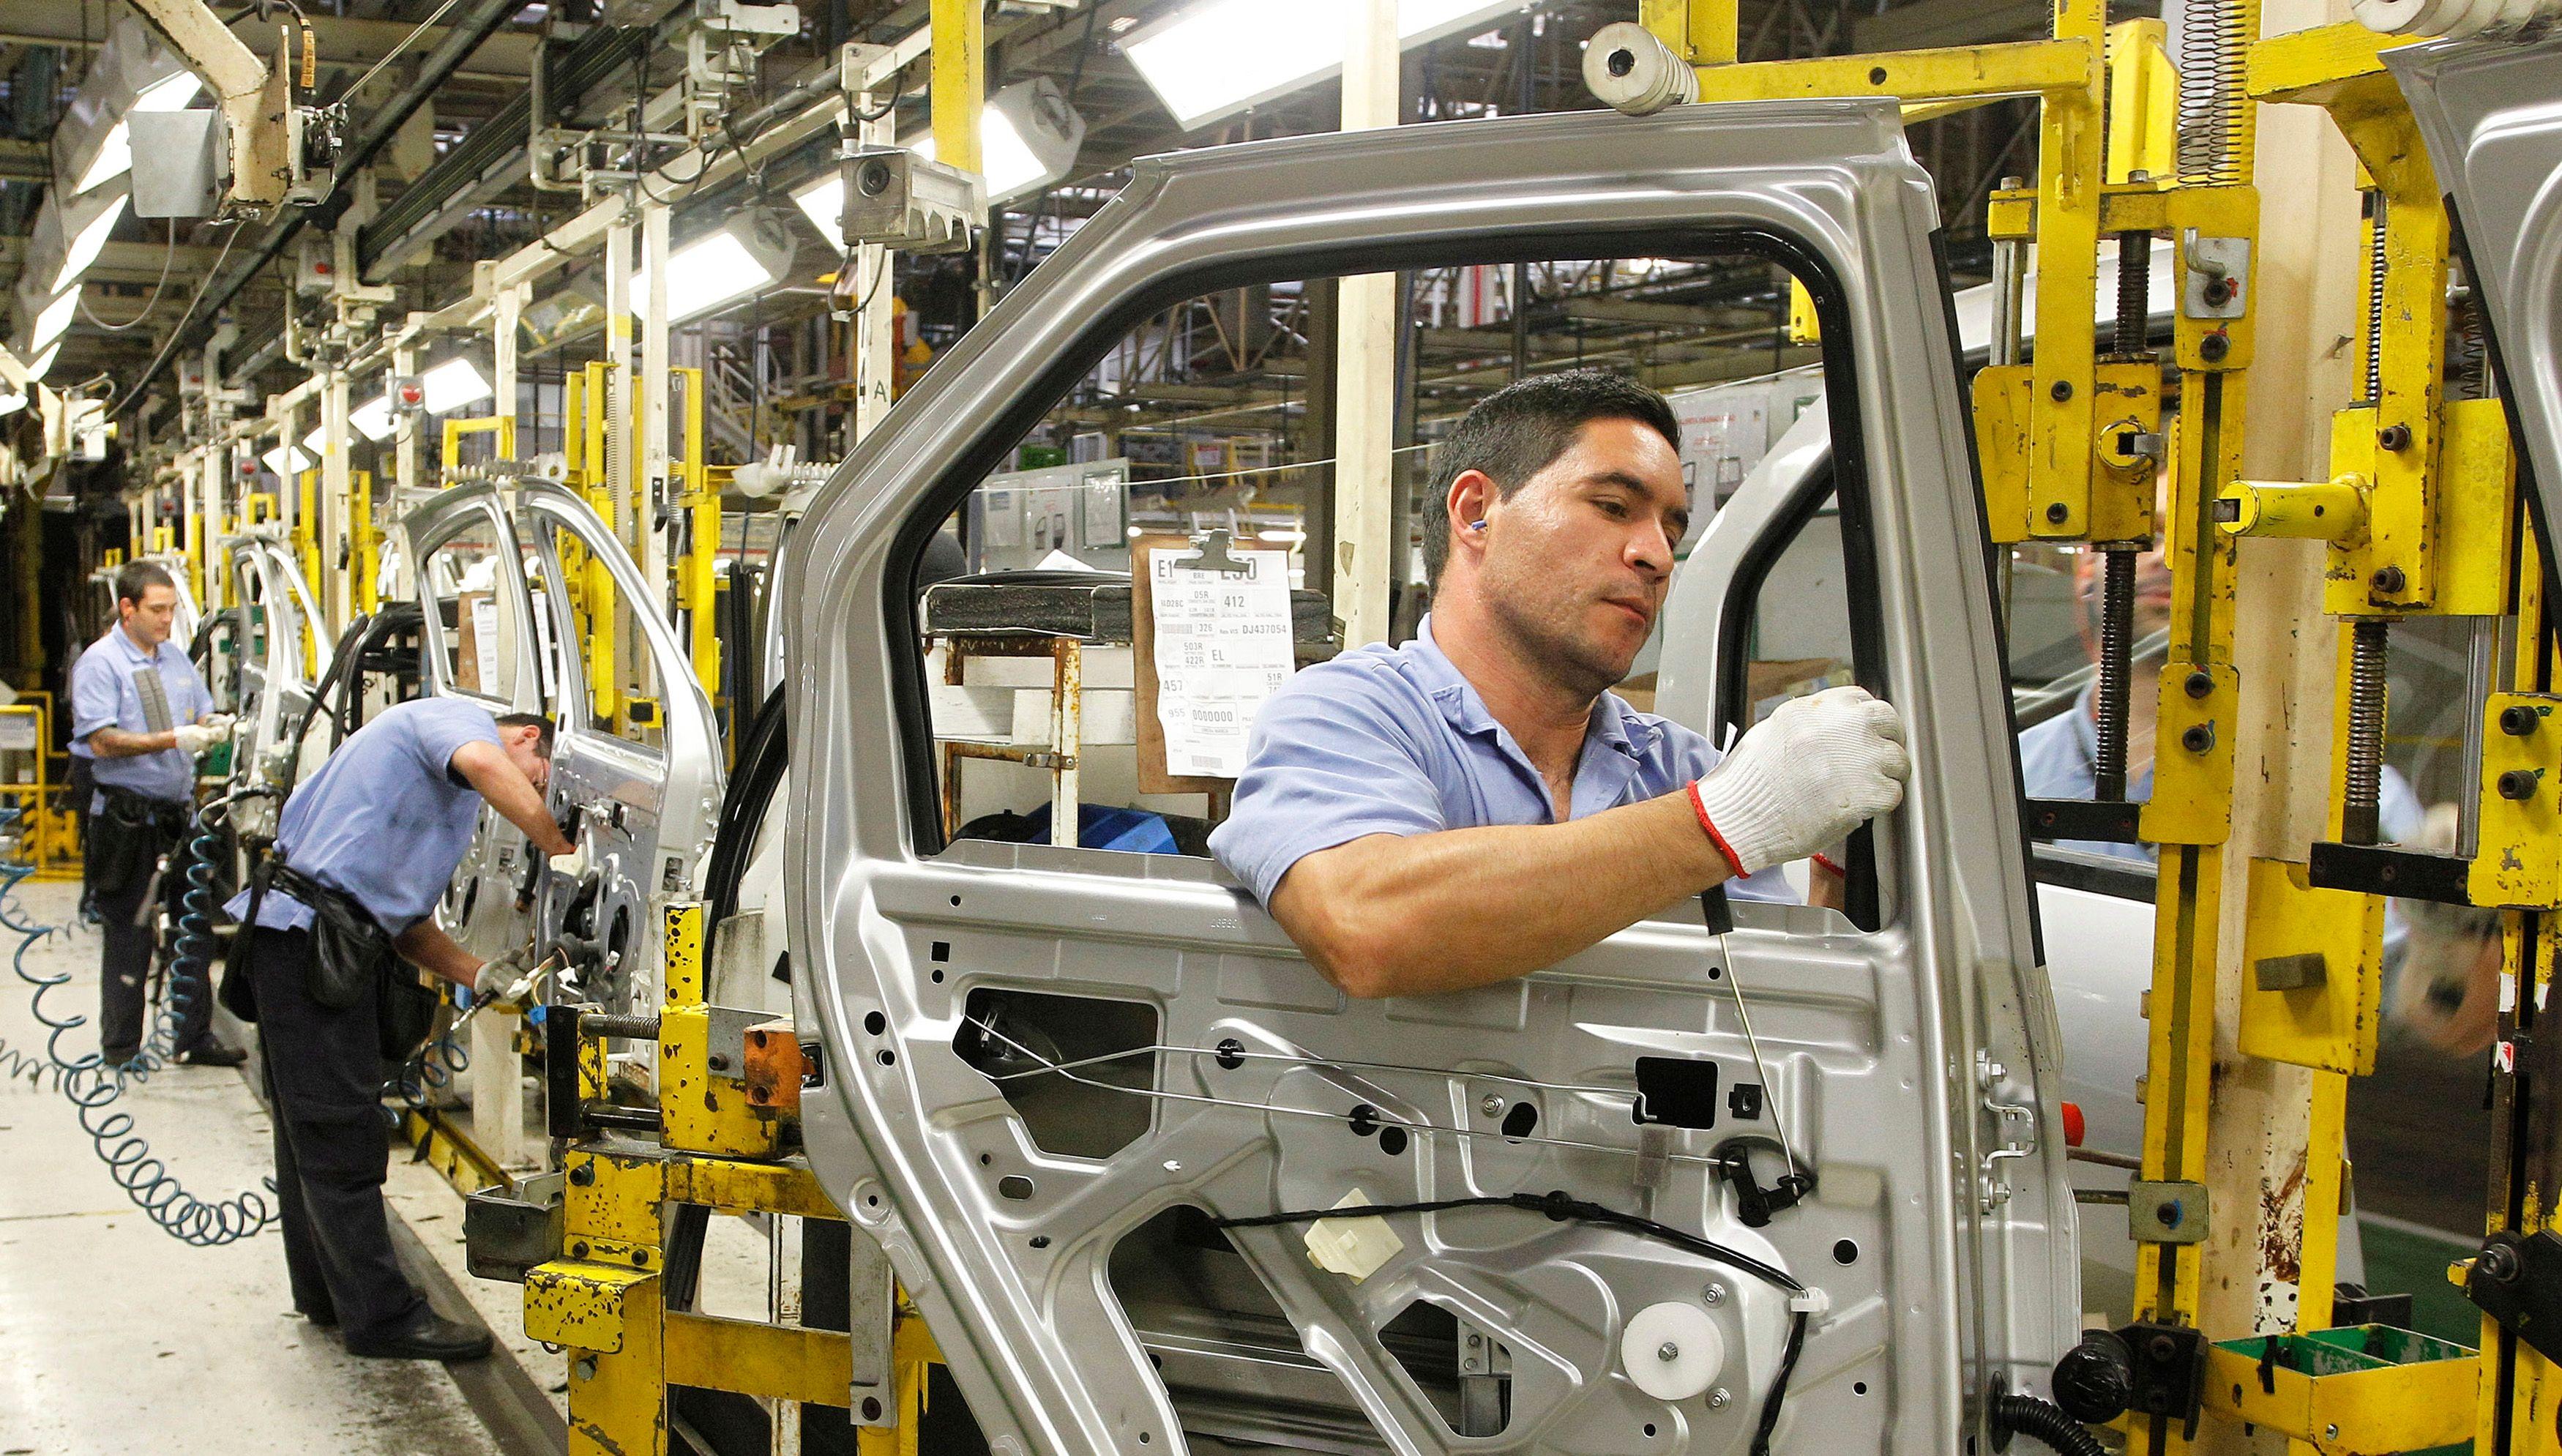 Les salariés deviennent plus productifs par crainte de la récession afin de protéger leur emploi.